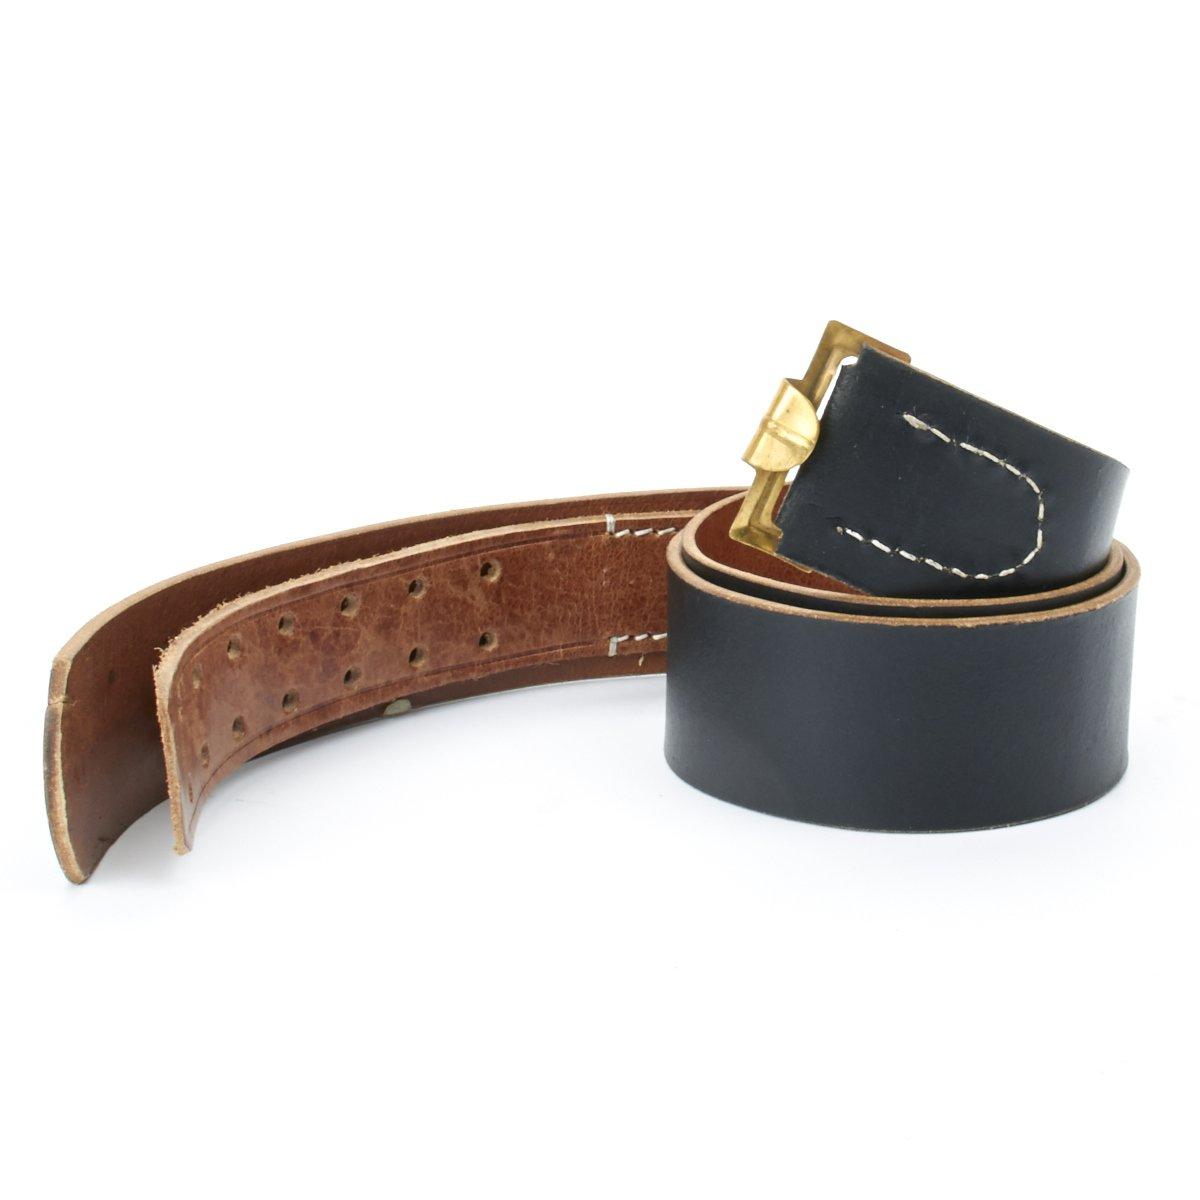 91-101cm German WWII Wehrmacht Black Leather Equipment Belt Size 36-40